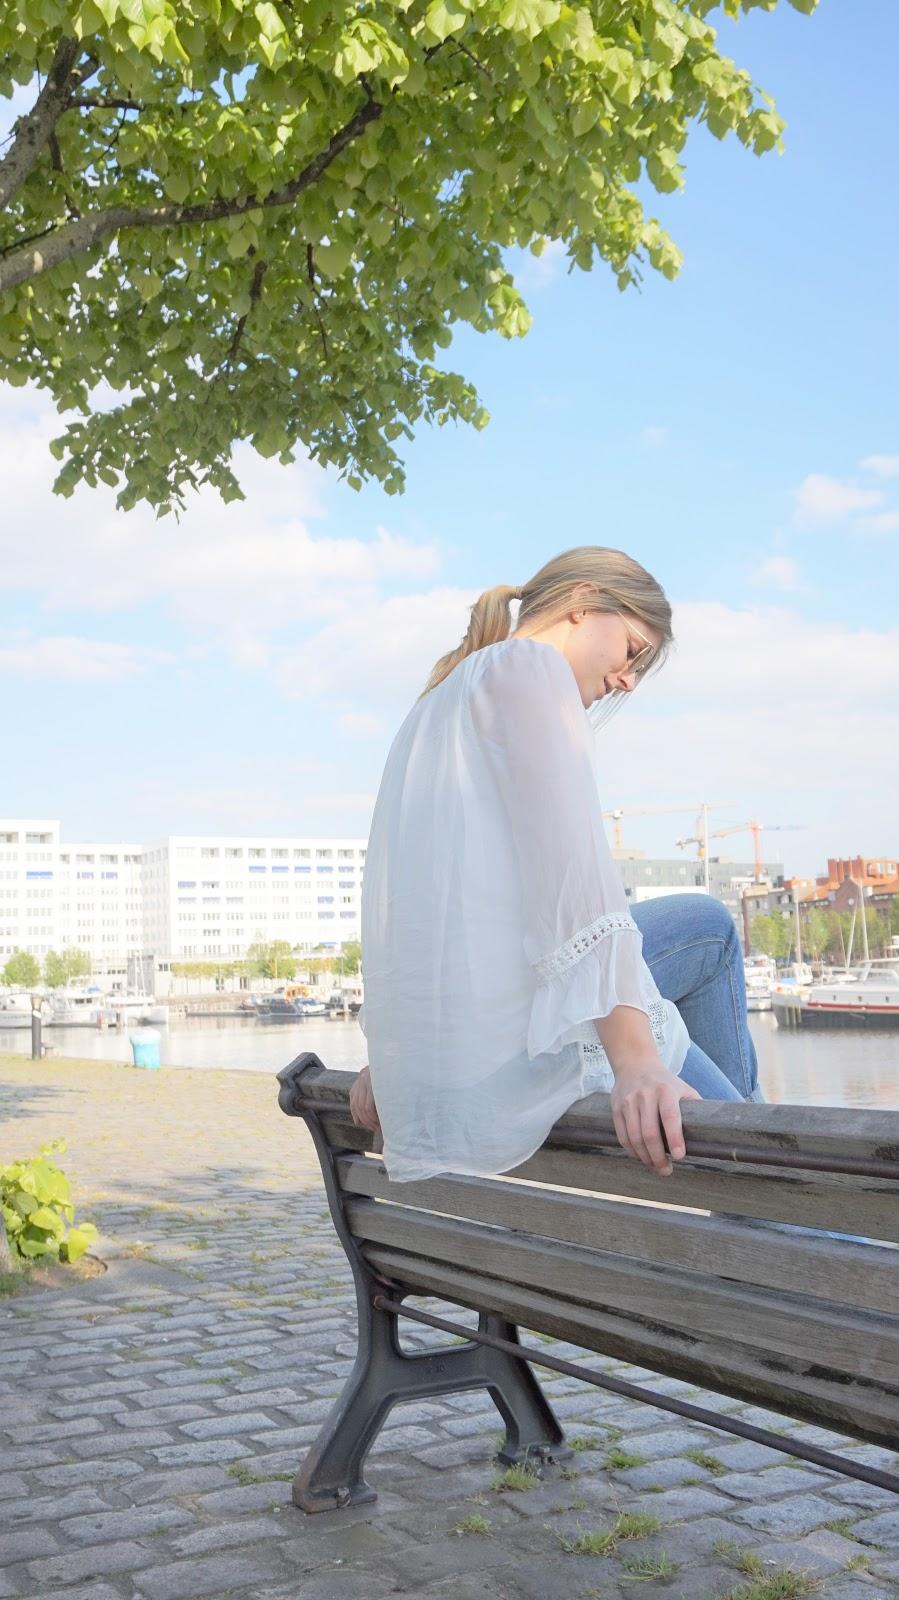 DSC06489 | Eline Van Dingenen